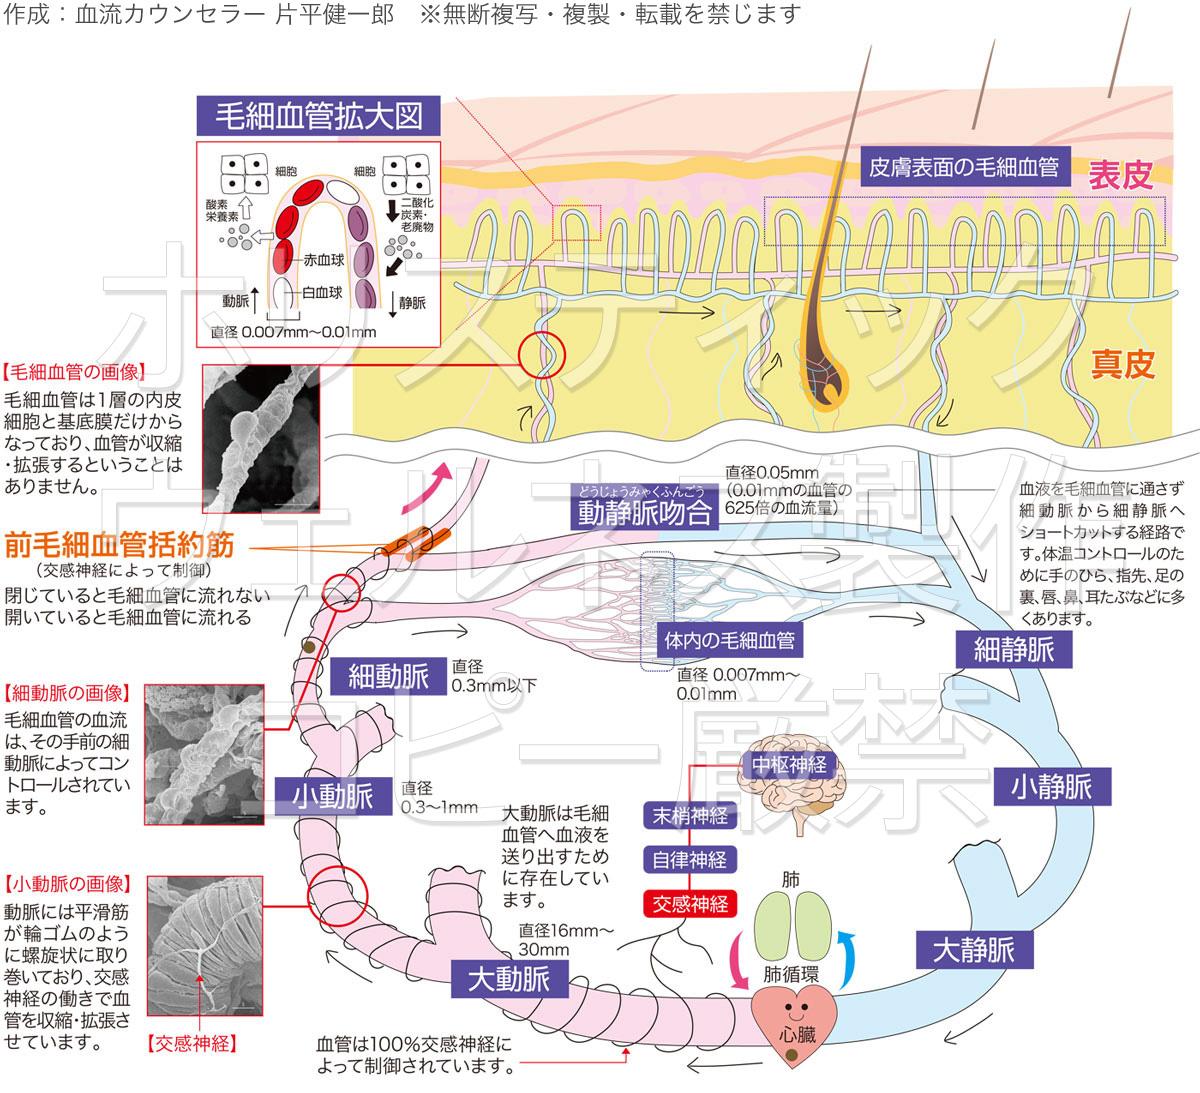 体循環と皮膚表面の毛細血管画像